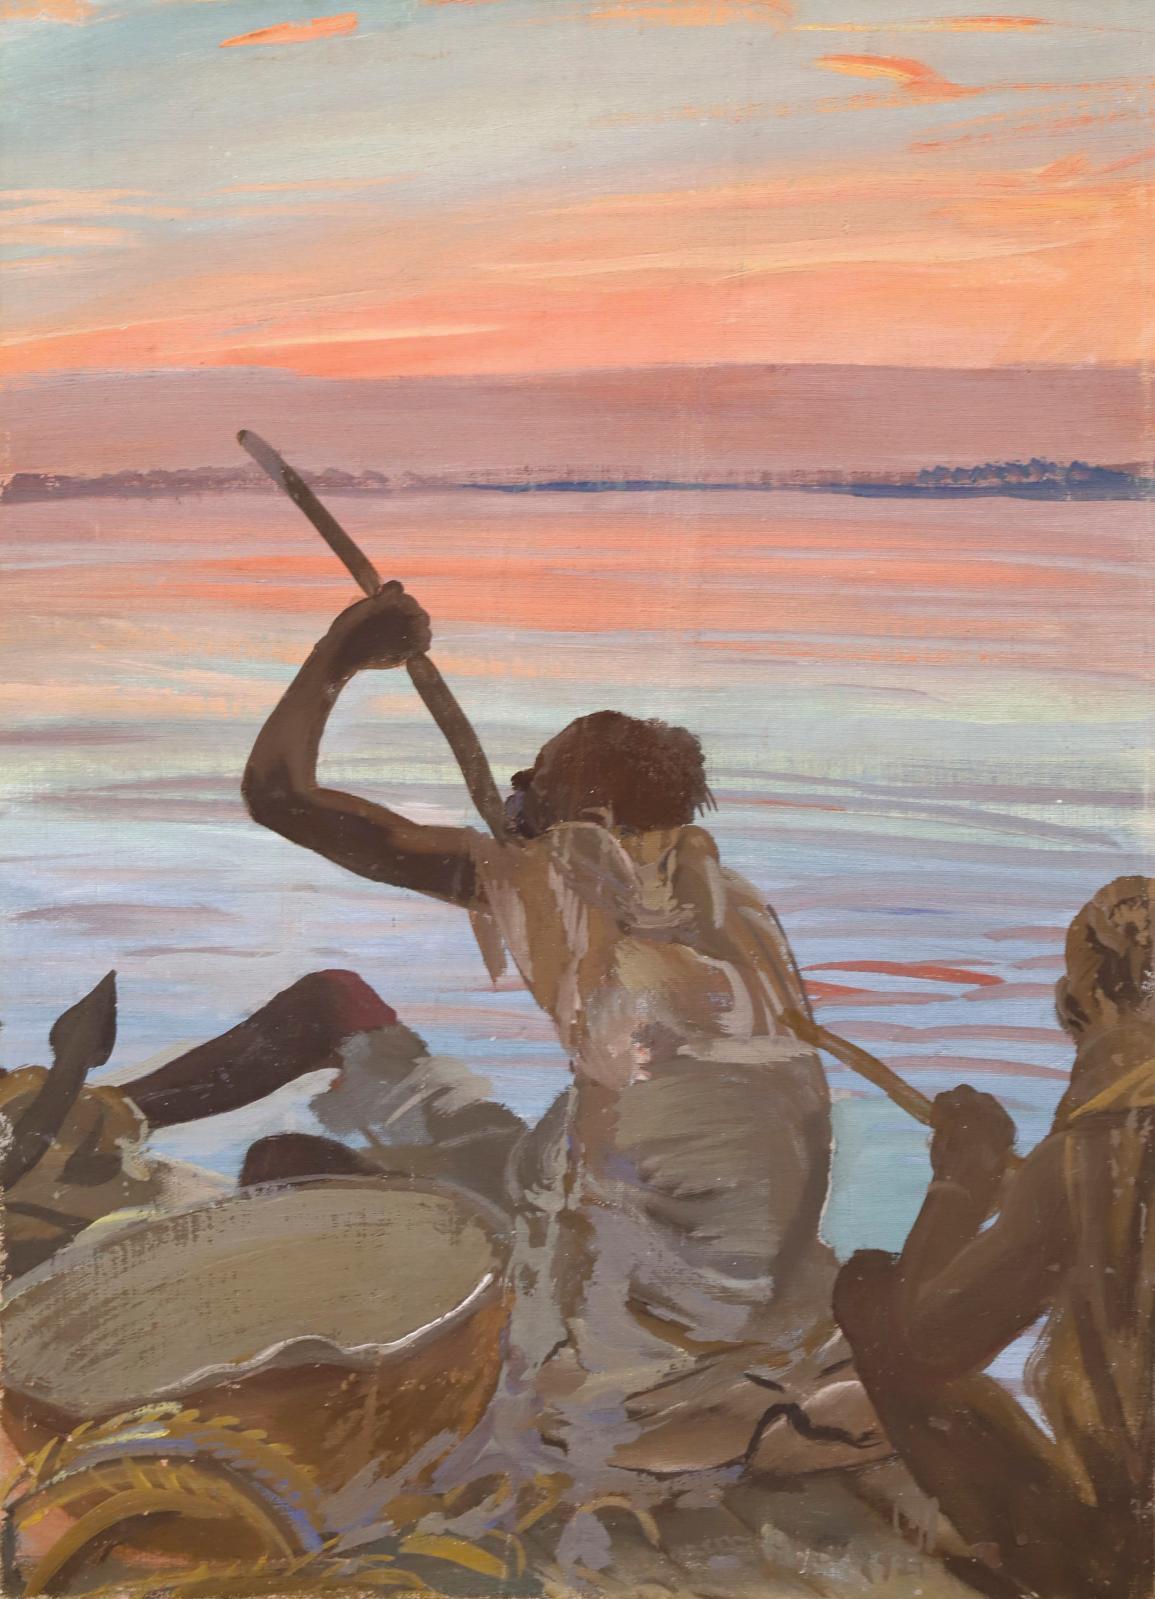 Alexandre Iacovleff (1887-1938), La Pirogue, 1927, huile sur toile marouflée sur carton, 64x46cm. Estimation: 4000/6000€